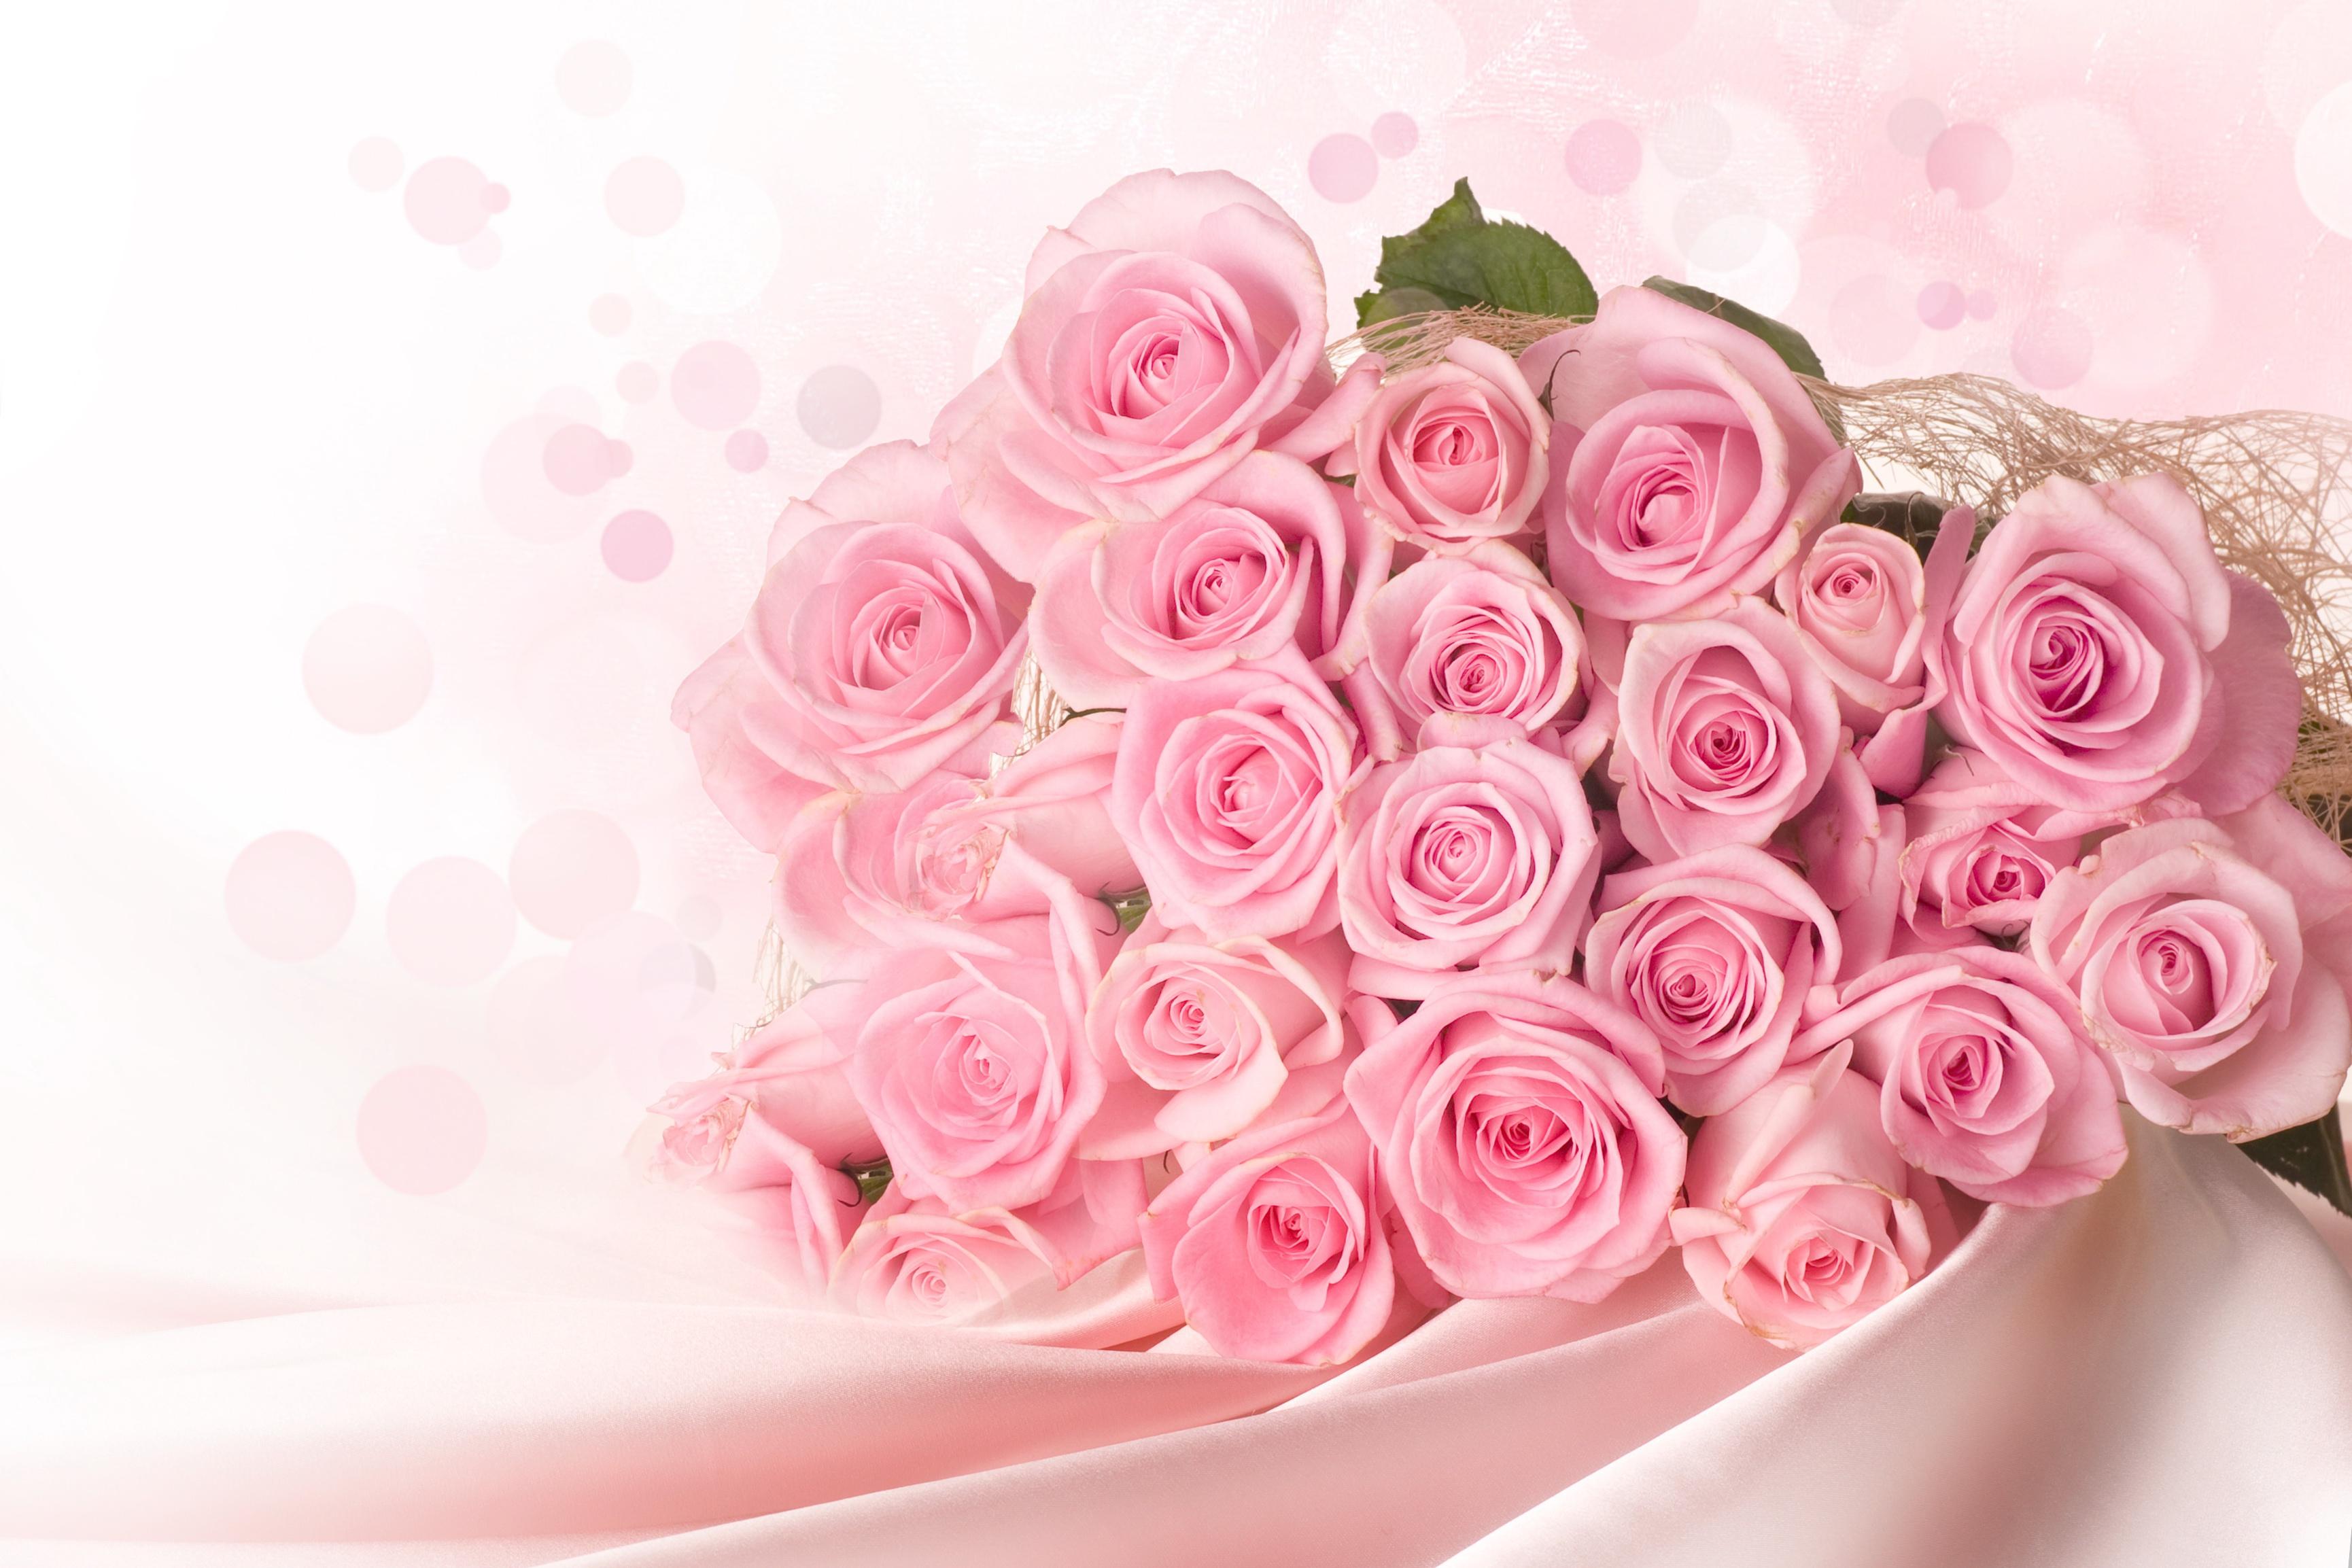 Открытки с днем рождения с розовыми розами